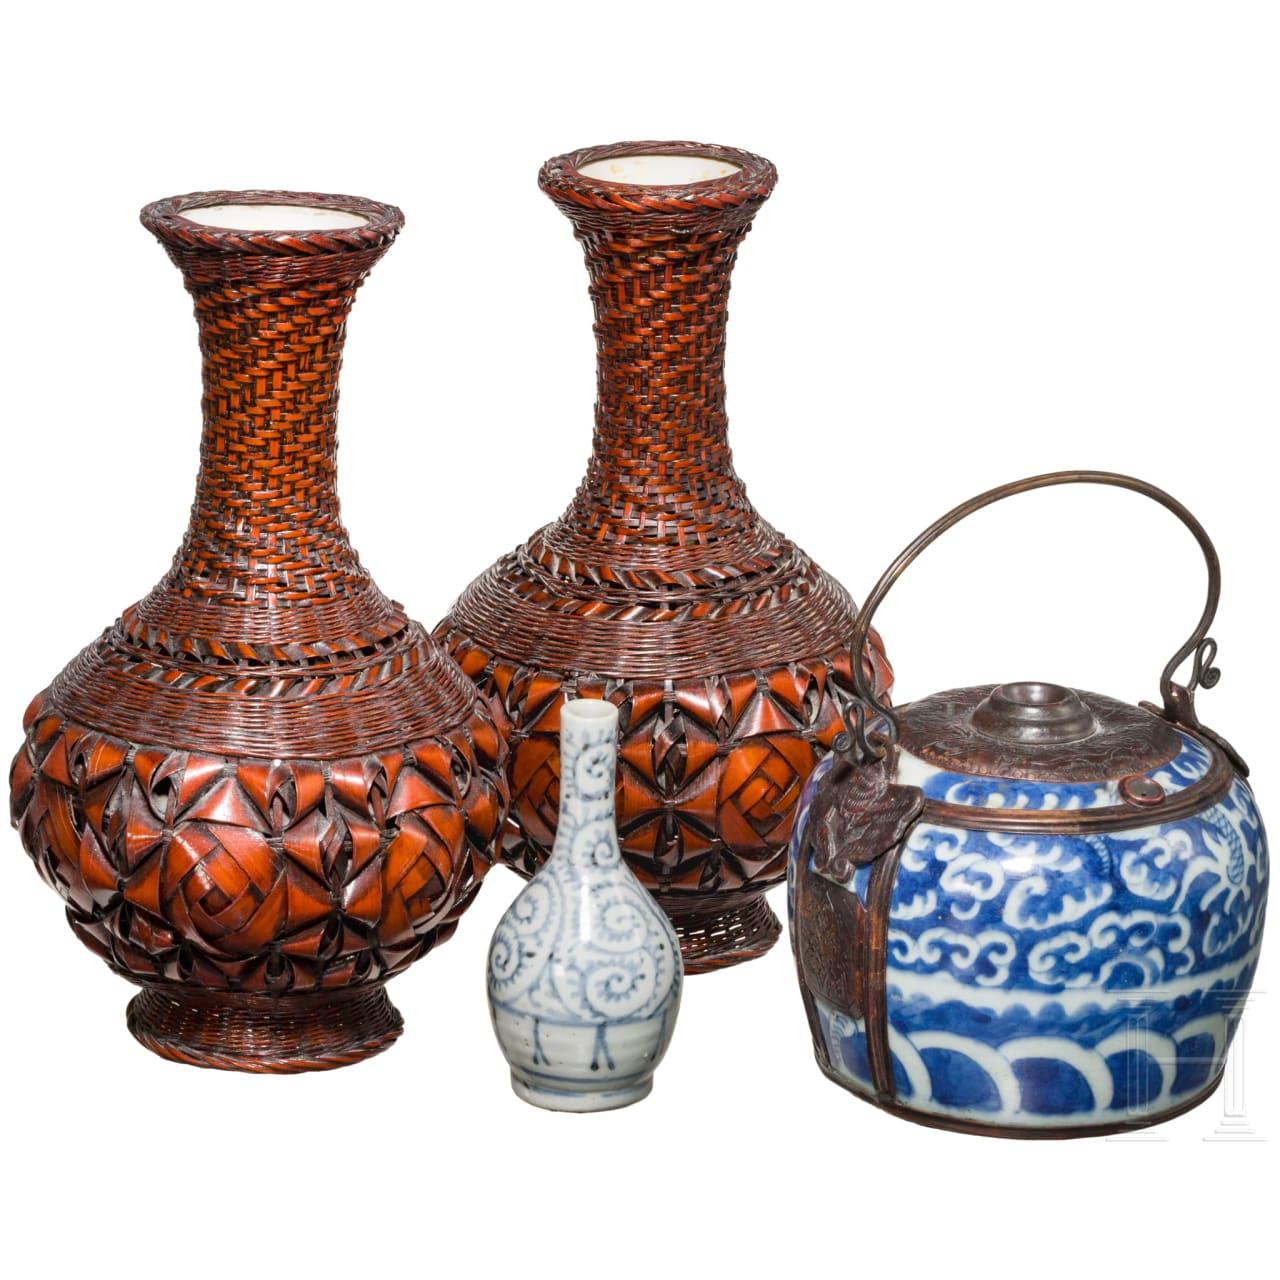 Konvolut Japan bestehend aus zwei Ikebana-Vasen, Miniaturvase und Henkeltopf, Japan, 19. Jhdt